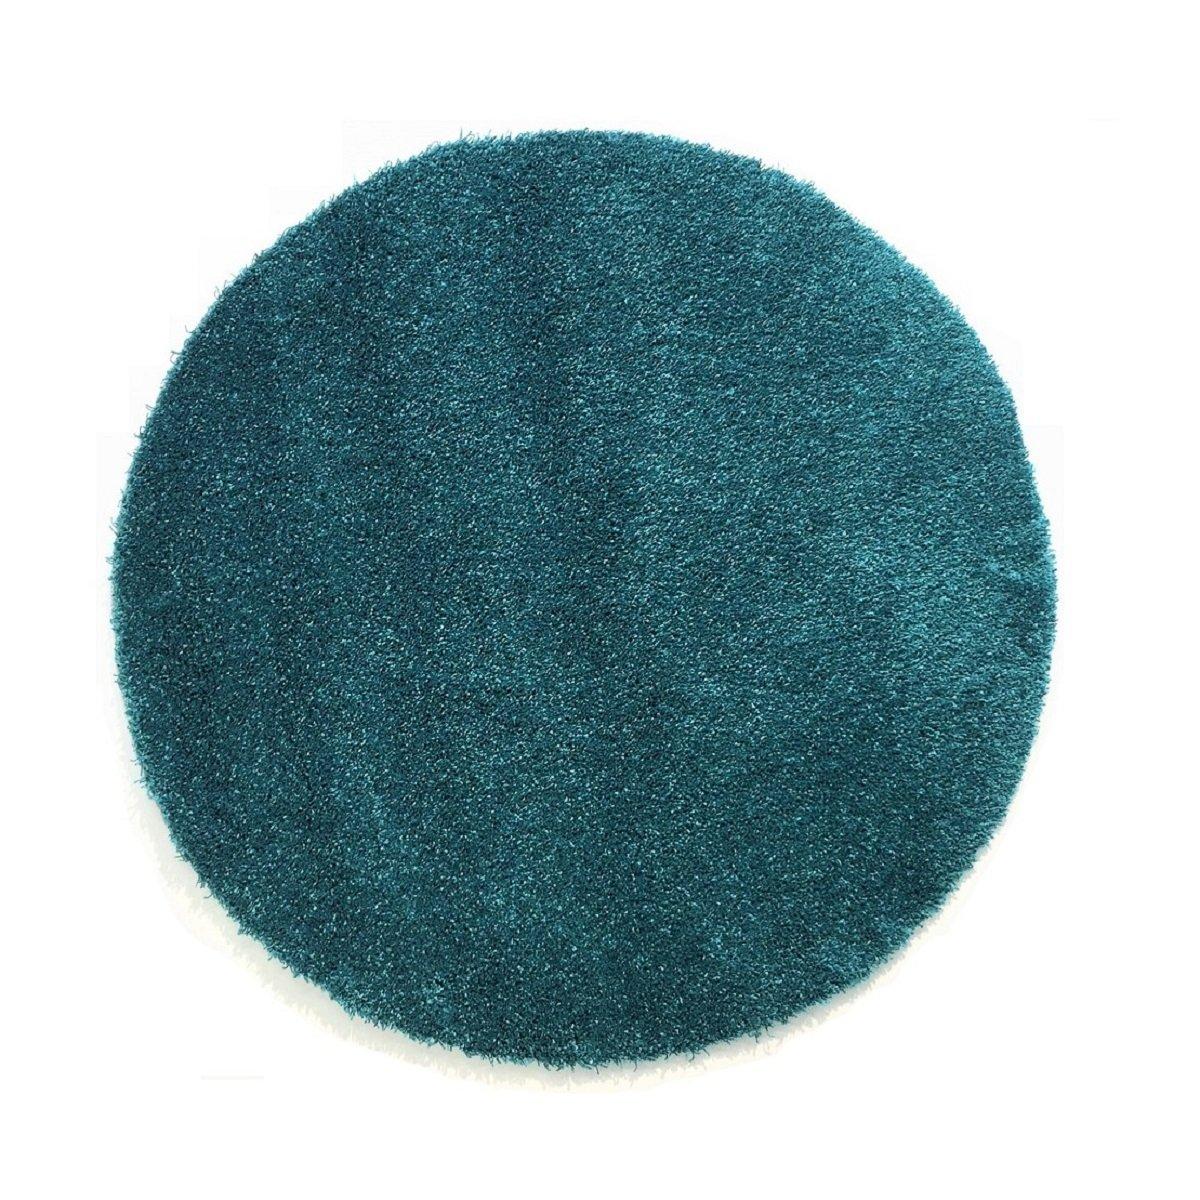 Komfort Shaggy Teppich Badematte Happy Wash rund - waschbar, trocknerund pflegeleicht   schadstoffgeprüft & strapazierfähig   ideal für Bad Badezimmer, Farbe Türkis, Größe 240 cm rund